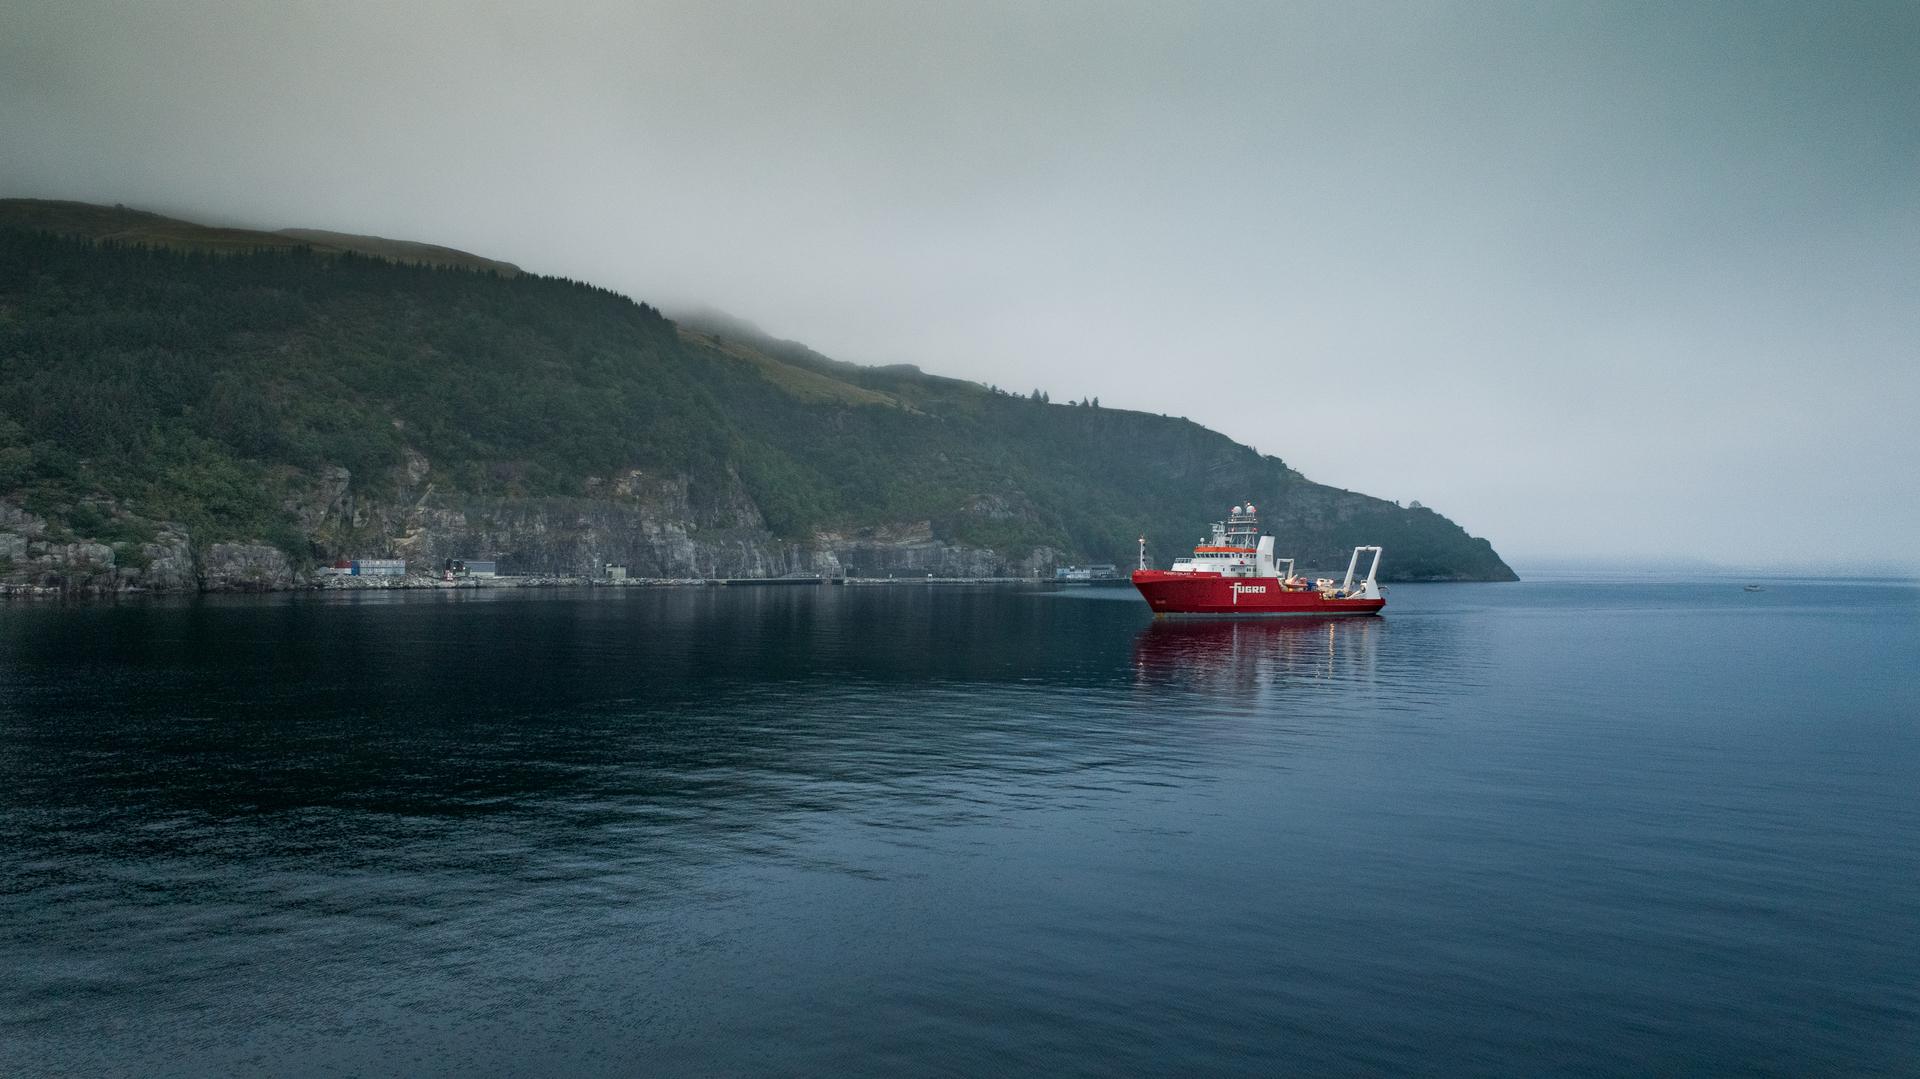 båt på vann omgitt av fjelllandskap